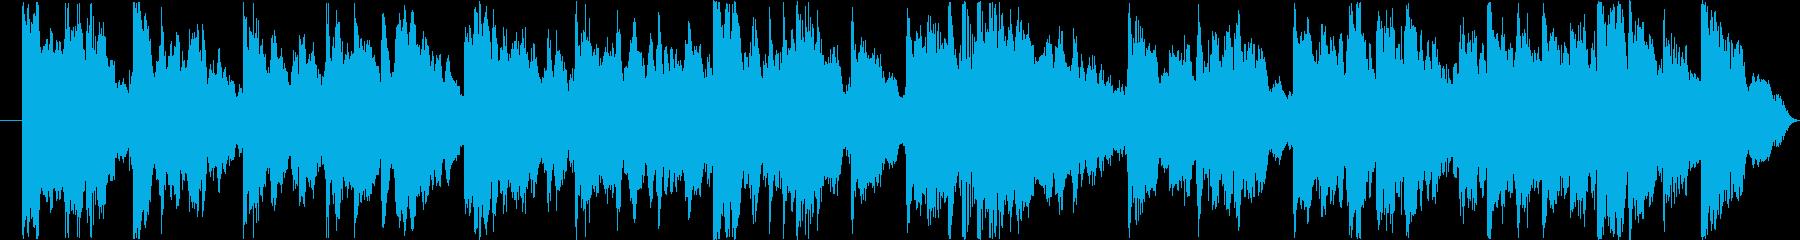 エレピソロ音源の再生済みの波形